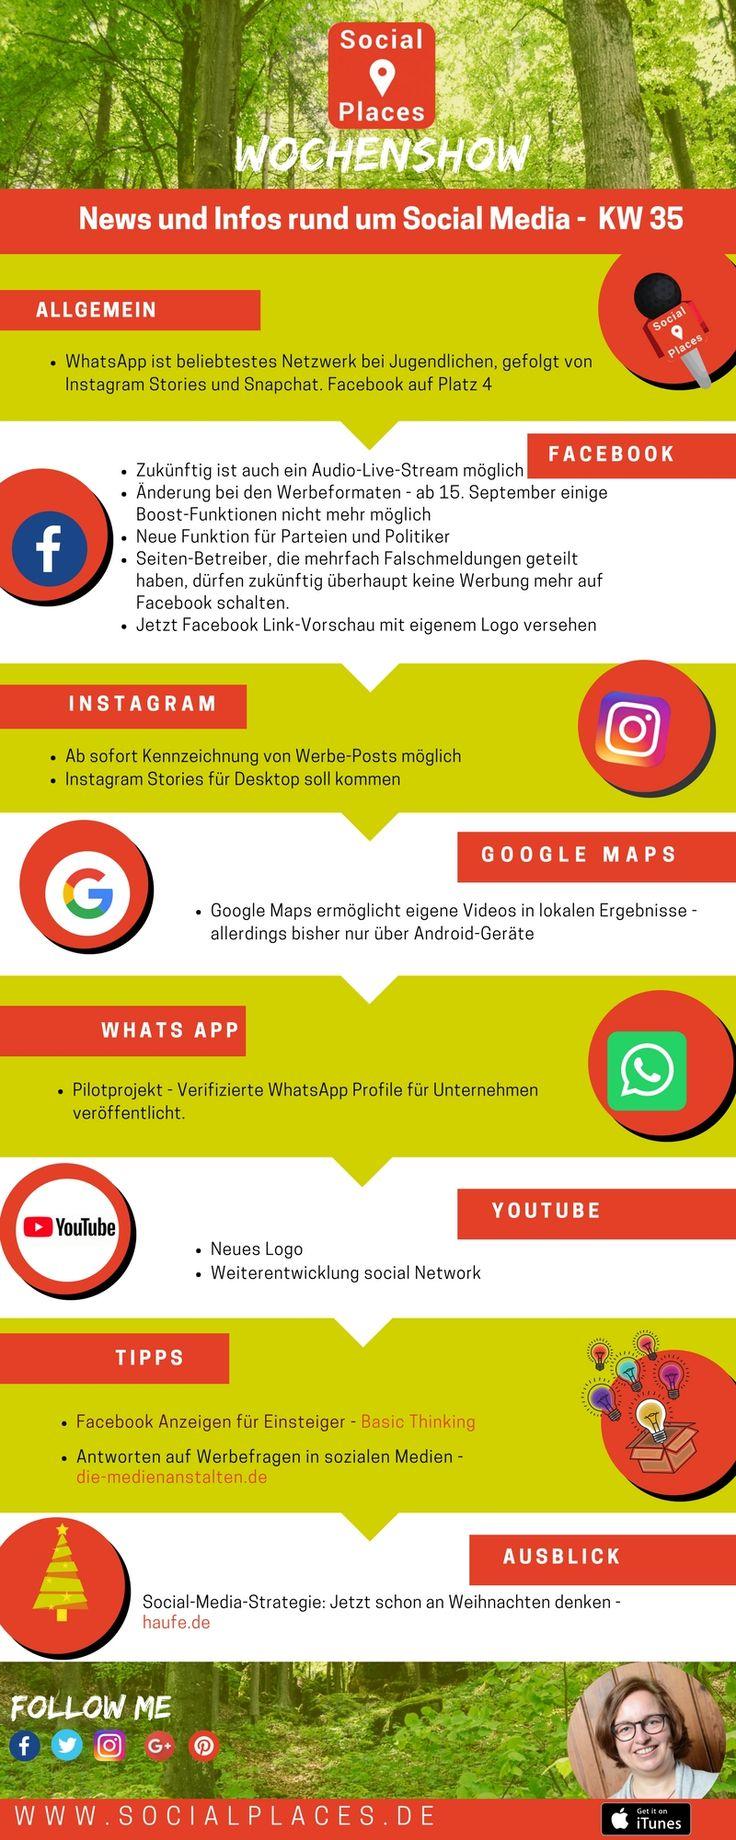 Aktuelle Infos und News rund um Social Media für die 35. Kalenderwoche 2017